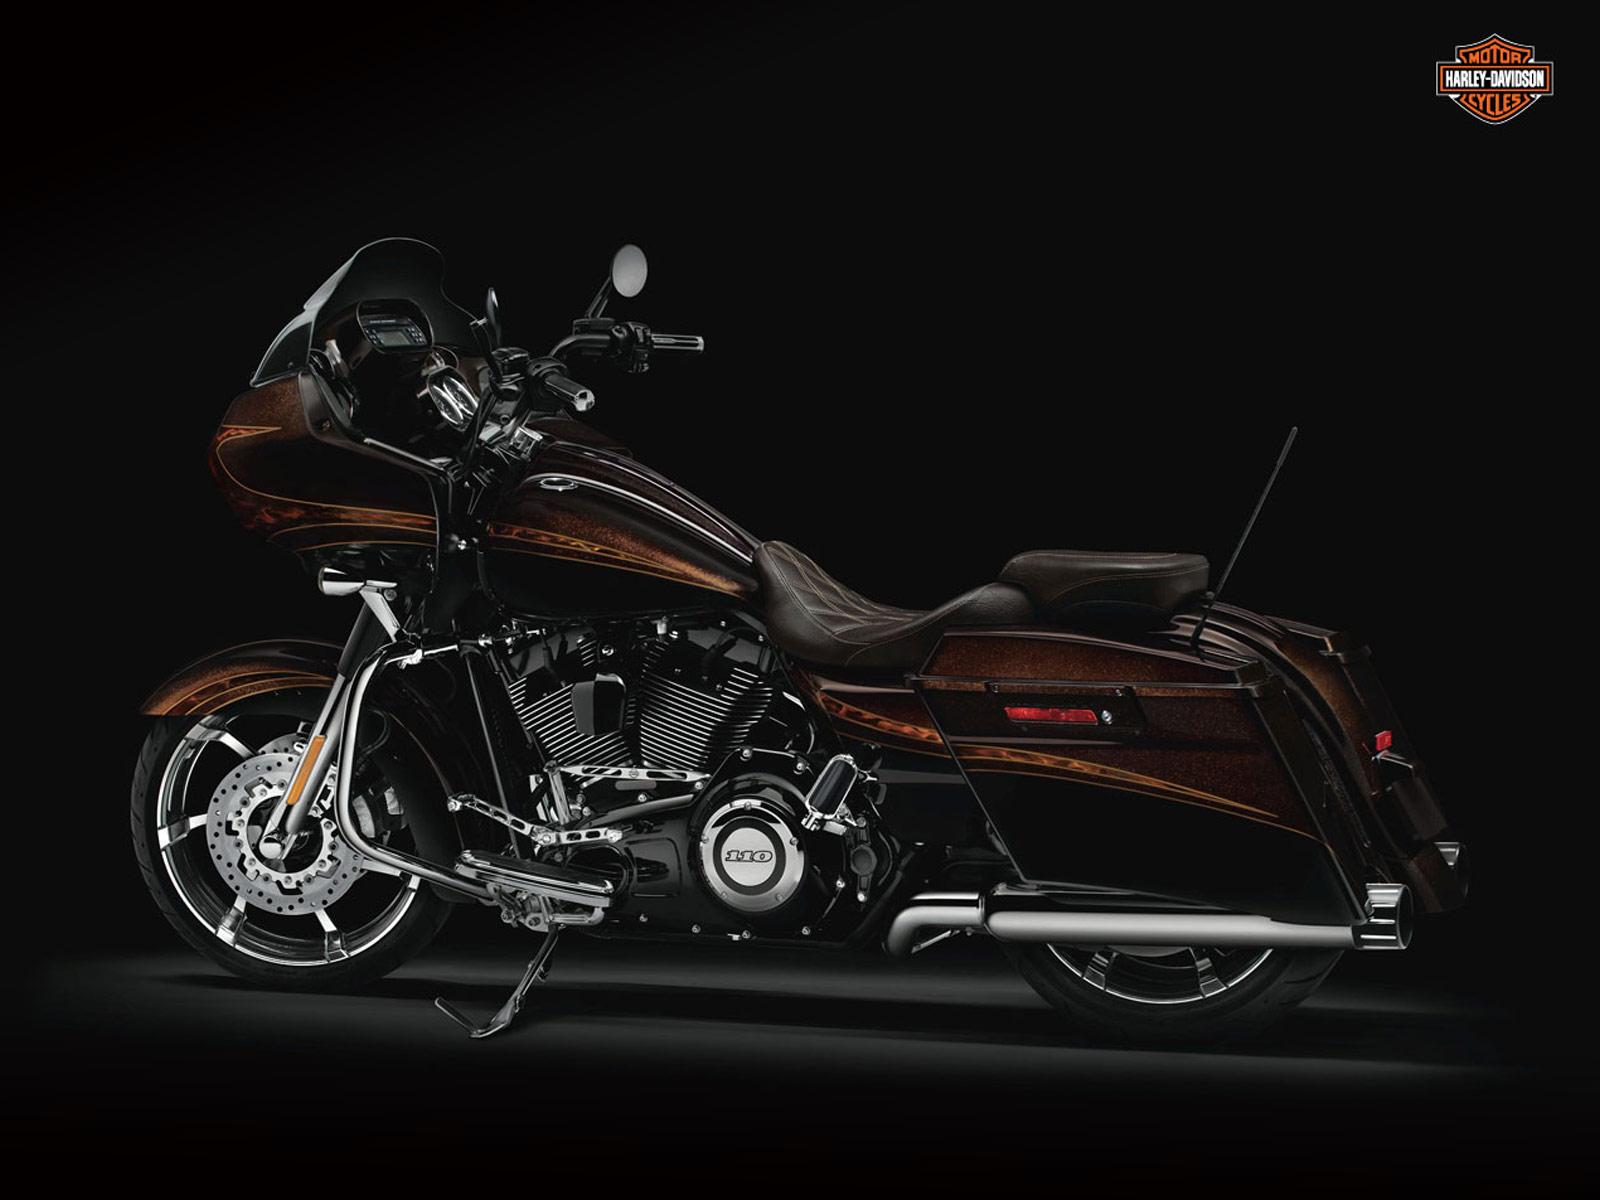 2012 Harley-Davidson FLTRXSE CVO Road Glide Custom